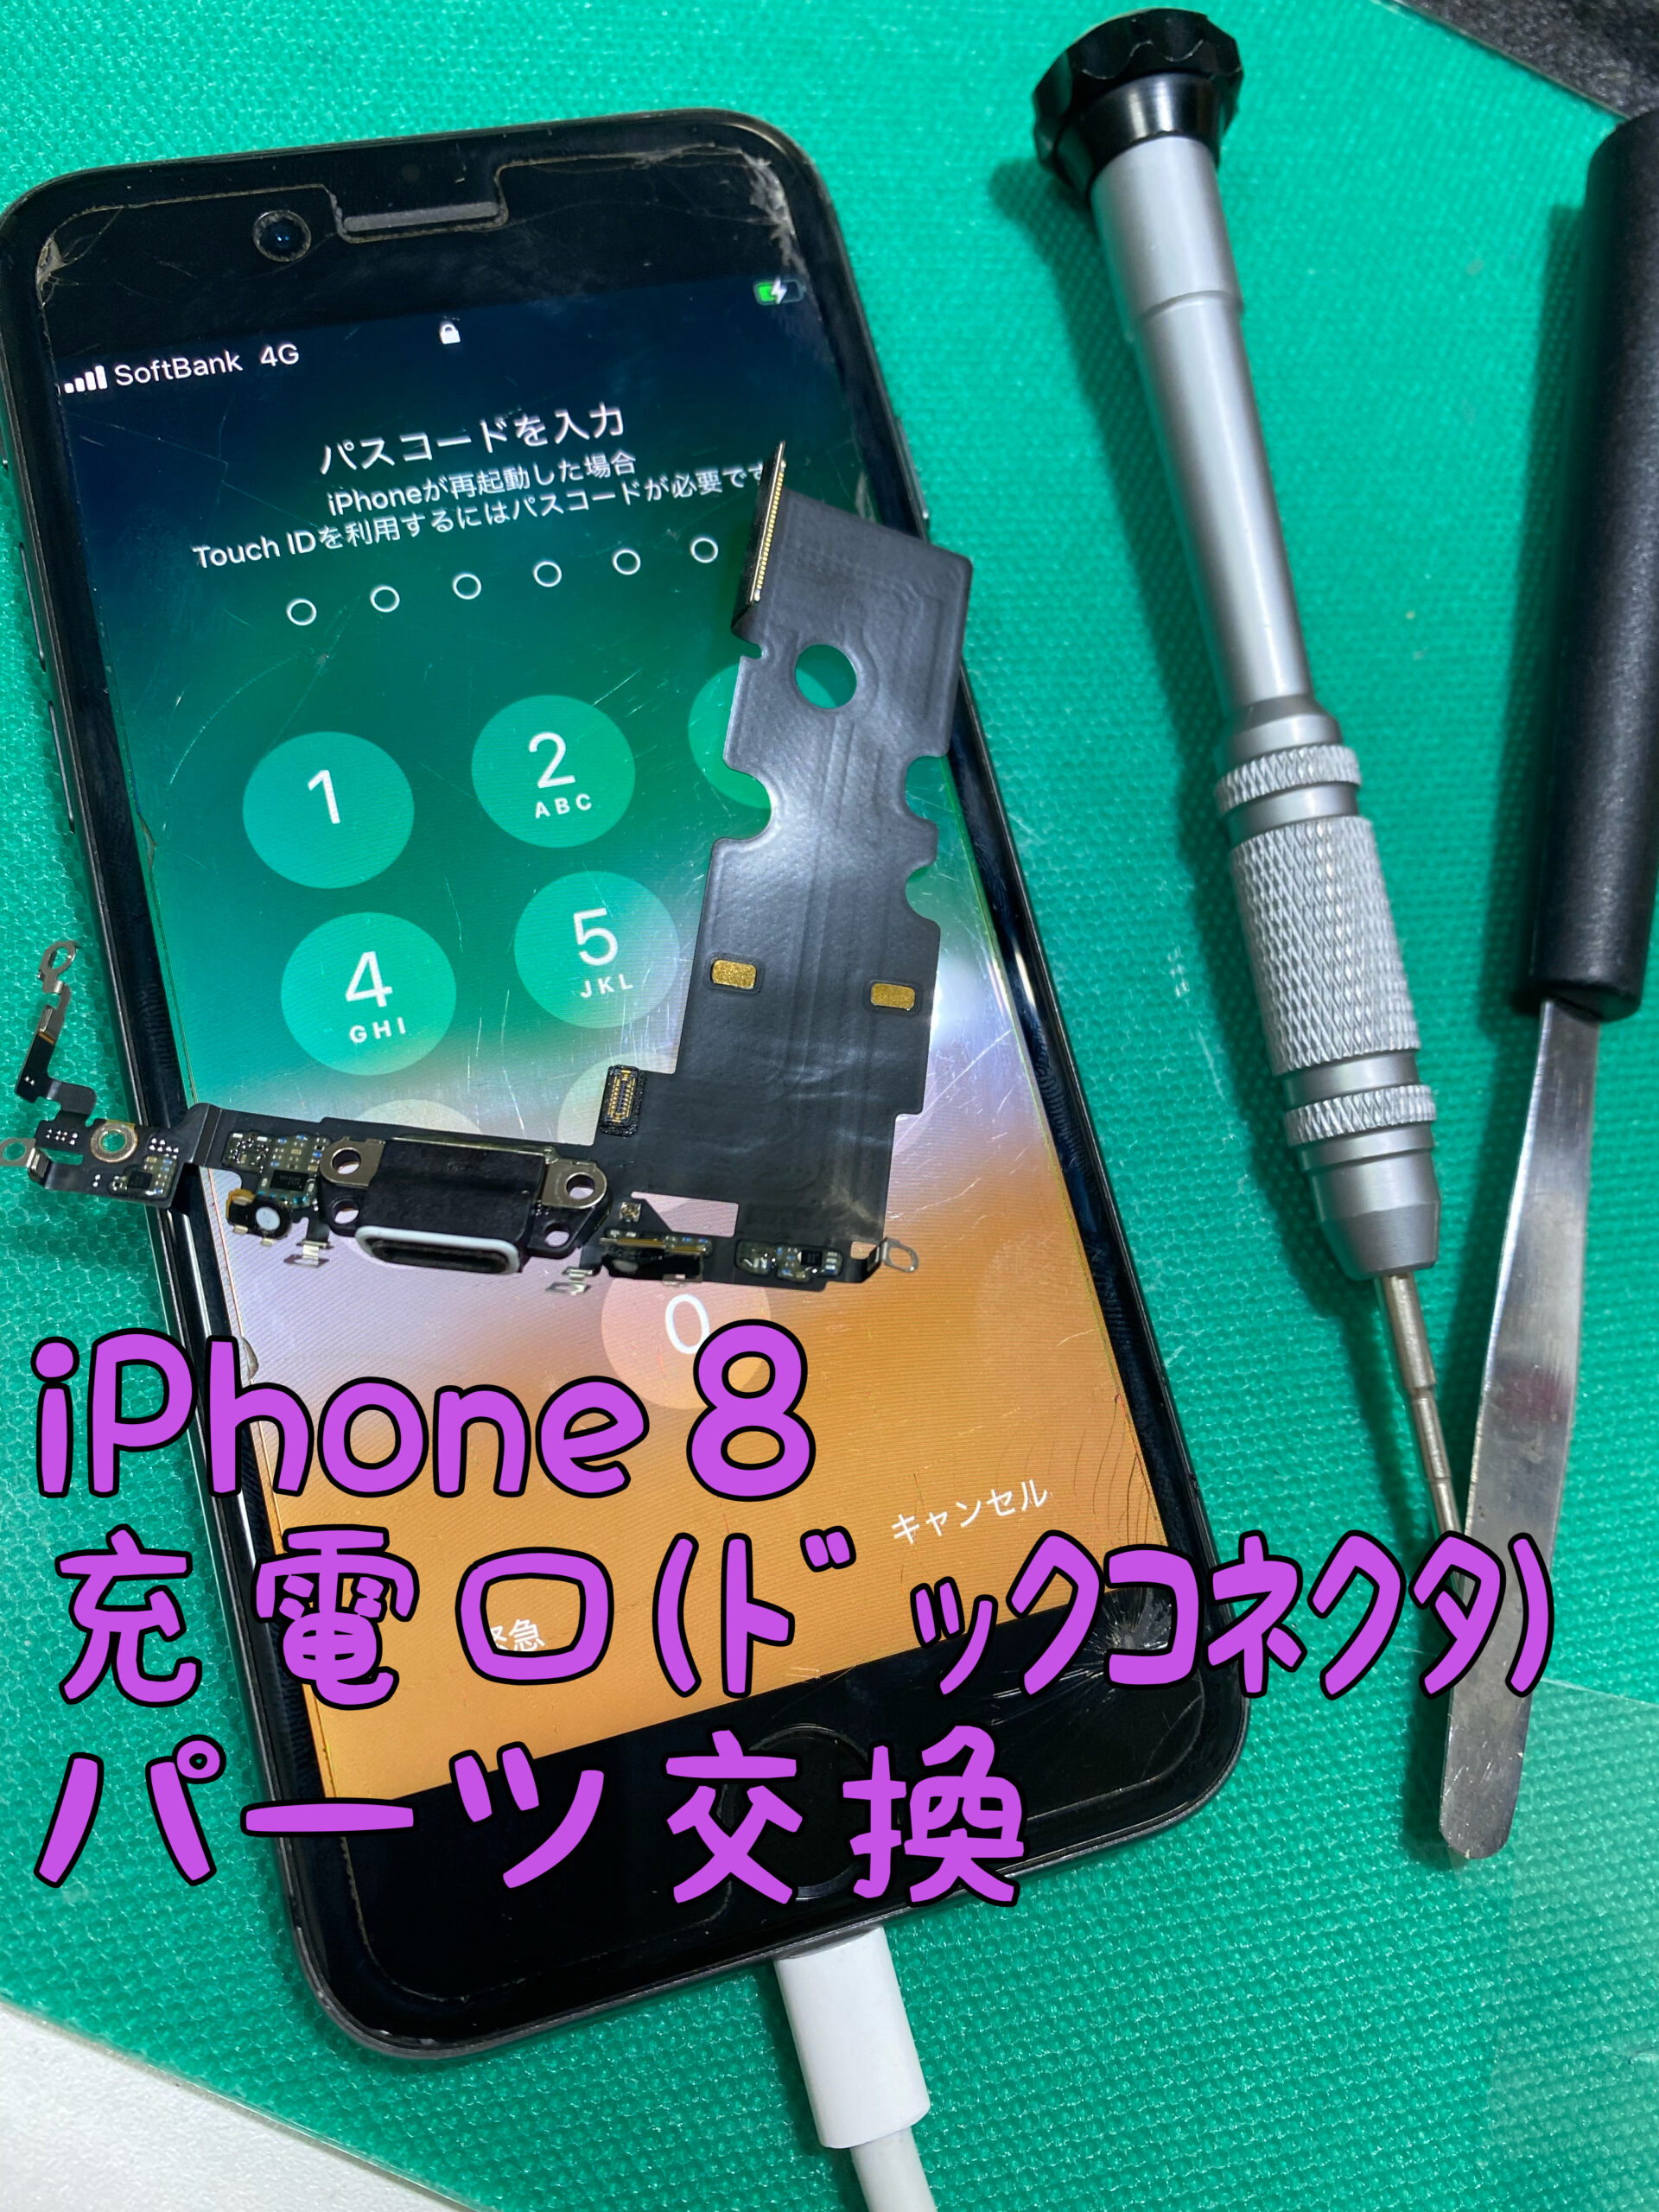 iPhone修理 スマホ修理 江南 江南市 ドン・キホーテ 即日 安い 充電できない 充電出来ない